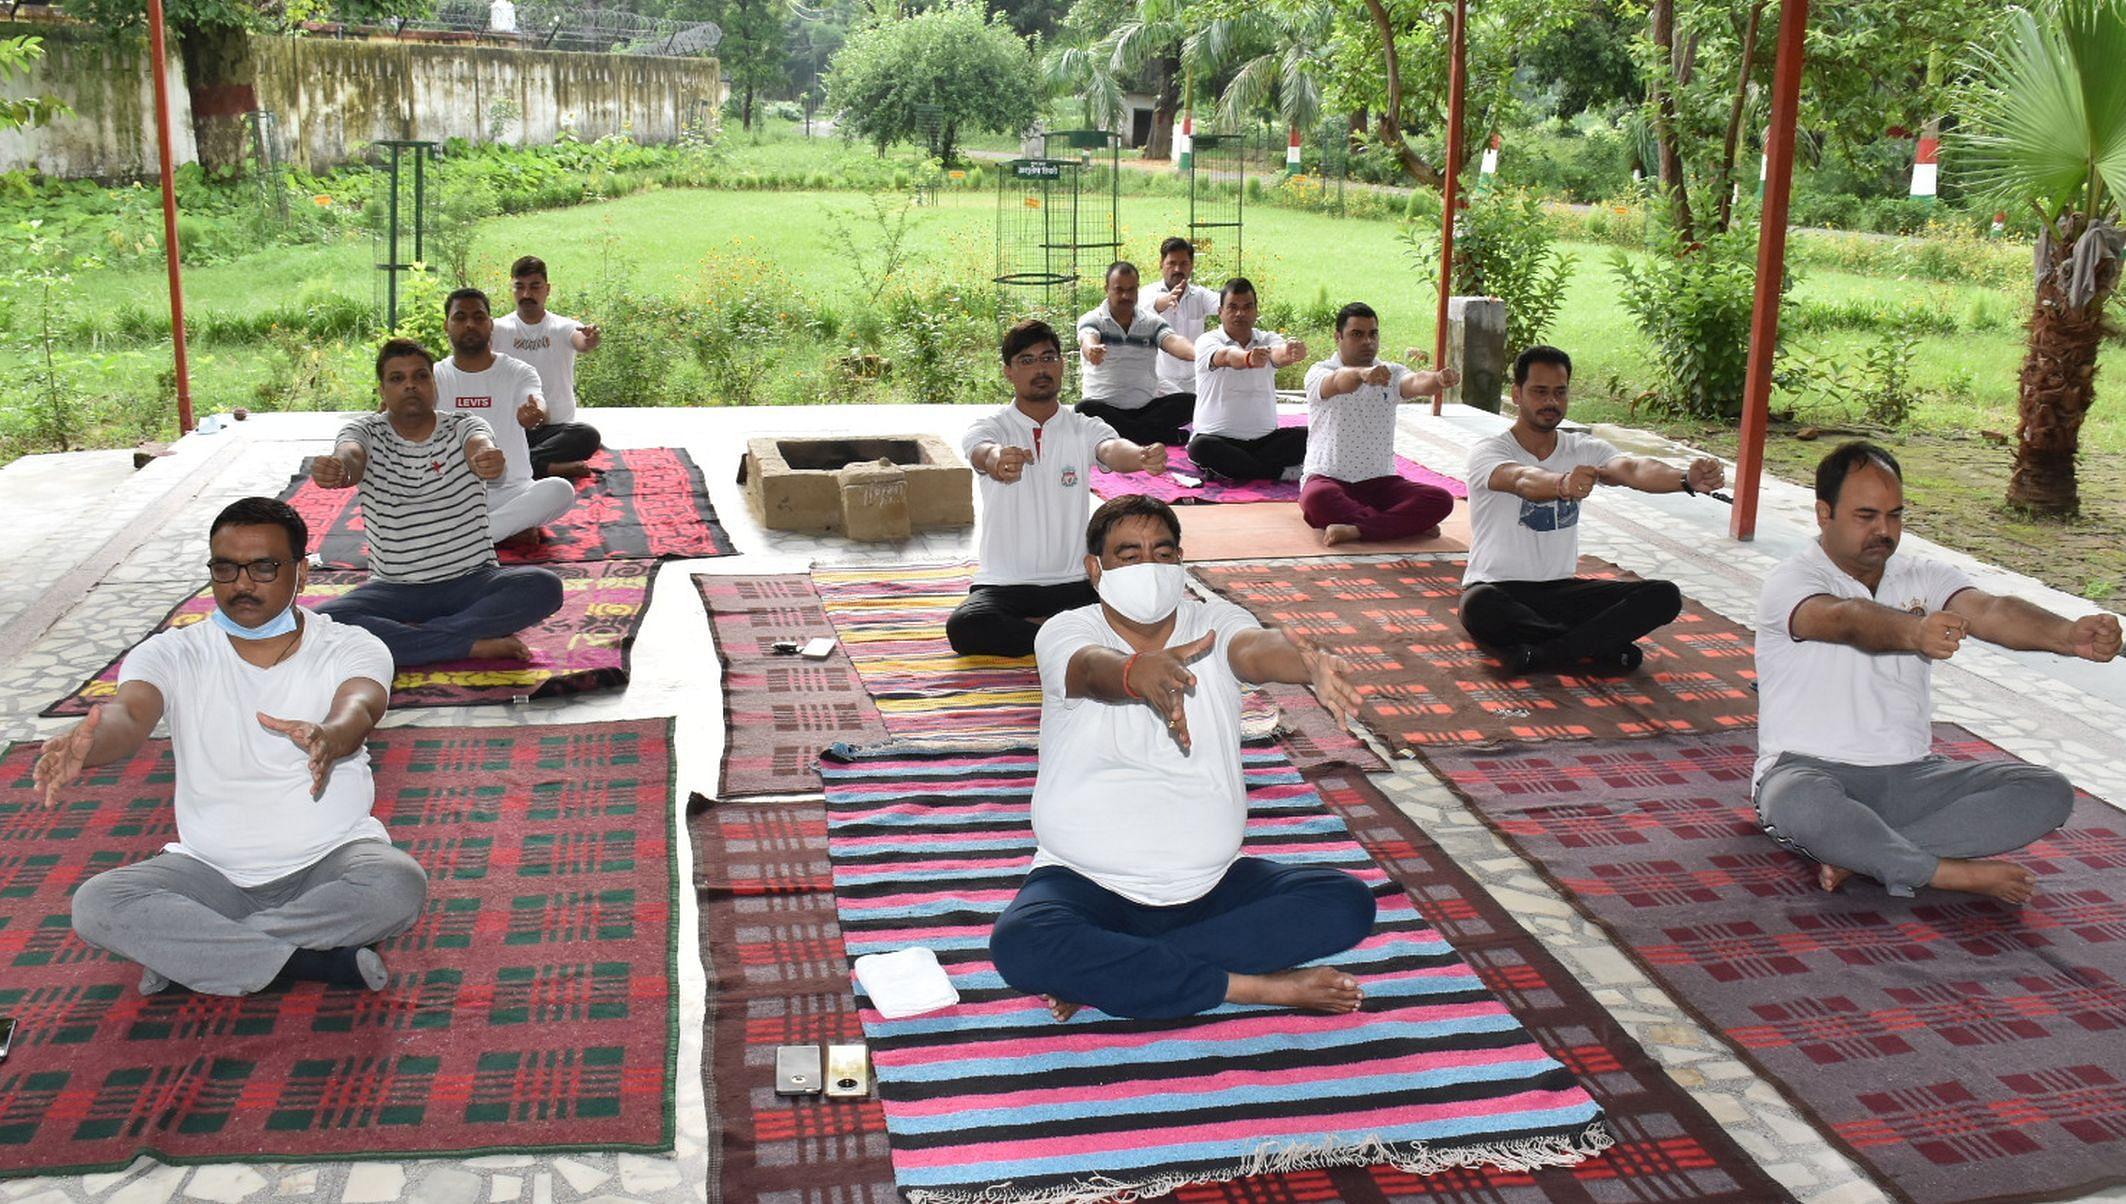 अंतर्राष्ट्रीय योग दिवस पर योगाभ्यास करते जिला जज व अन्य जज